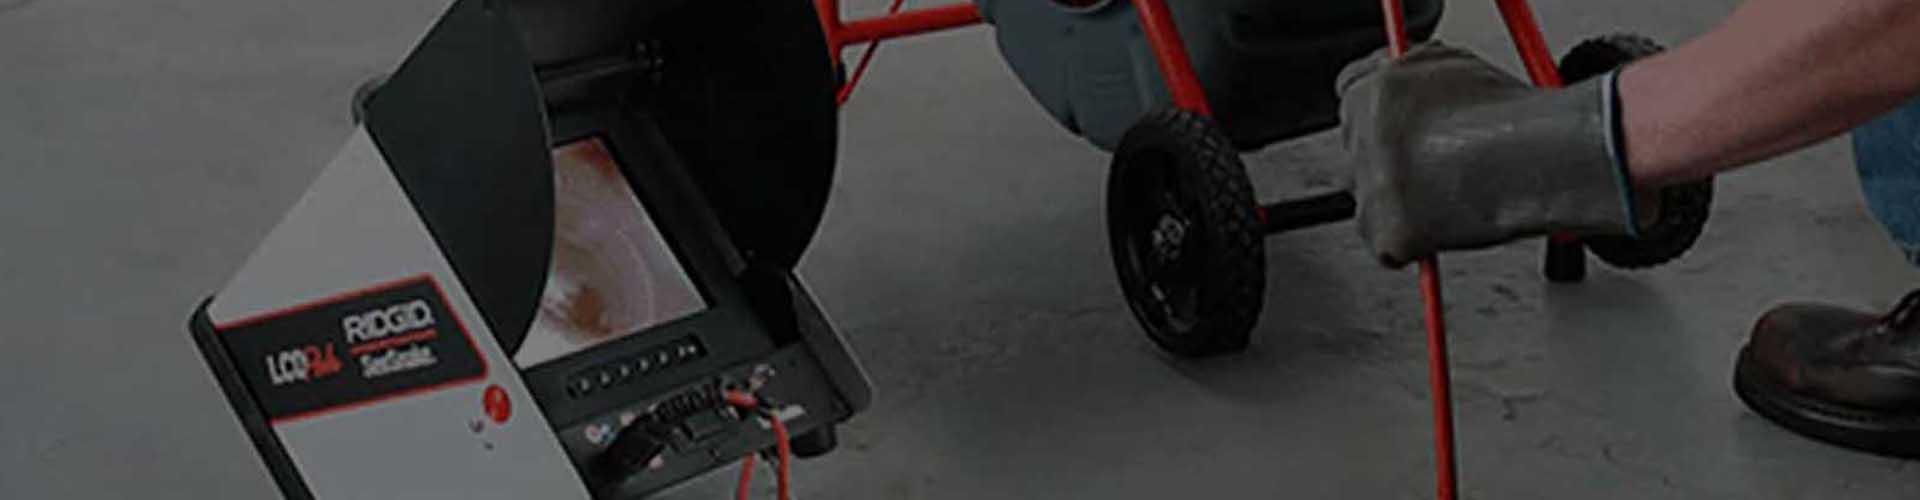 Çekmeköy Su Kaçağı Tespiti, Çekmeköy Robotlu Su Kaçağı, Çekmeköy Su Tesisatçısı, Çekmeköy Su Kesintisi, Çekmeköy Su Kaçağı